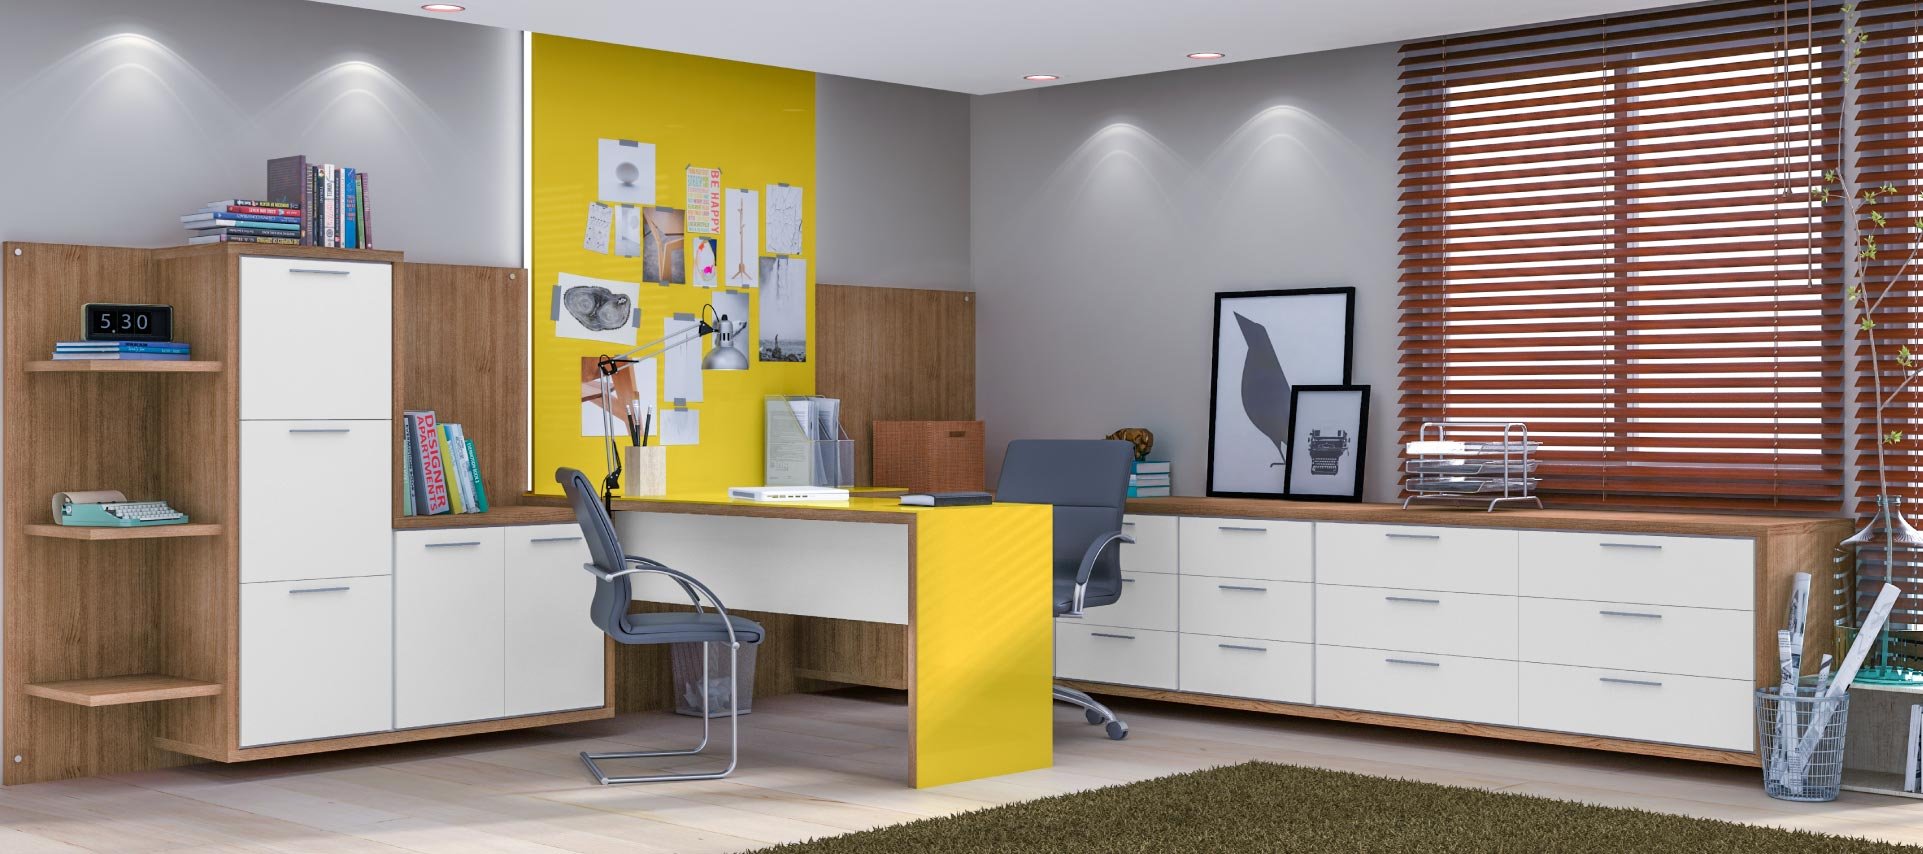 https://www.decor8planejados.com.br/wp-content/uploads/2016/03/moveis-home-office-moveis-planejados-3.jpg